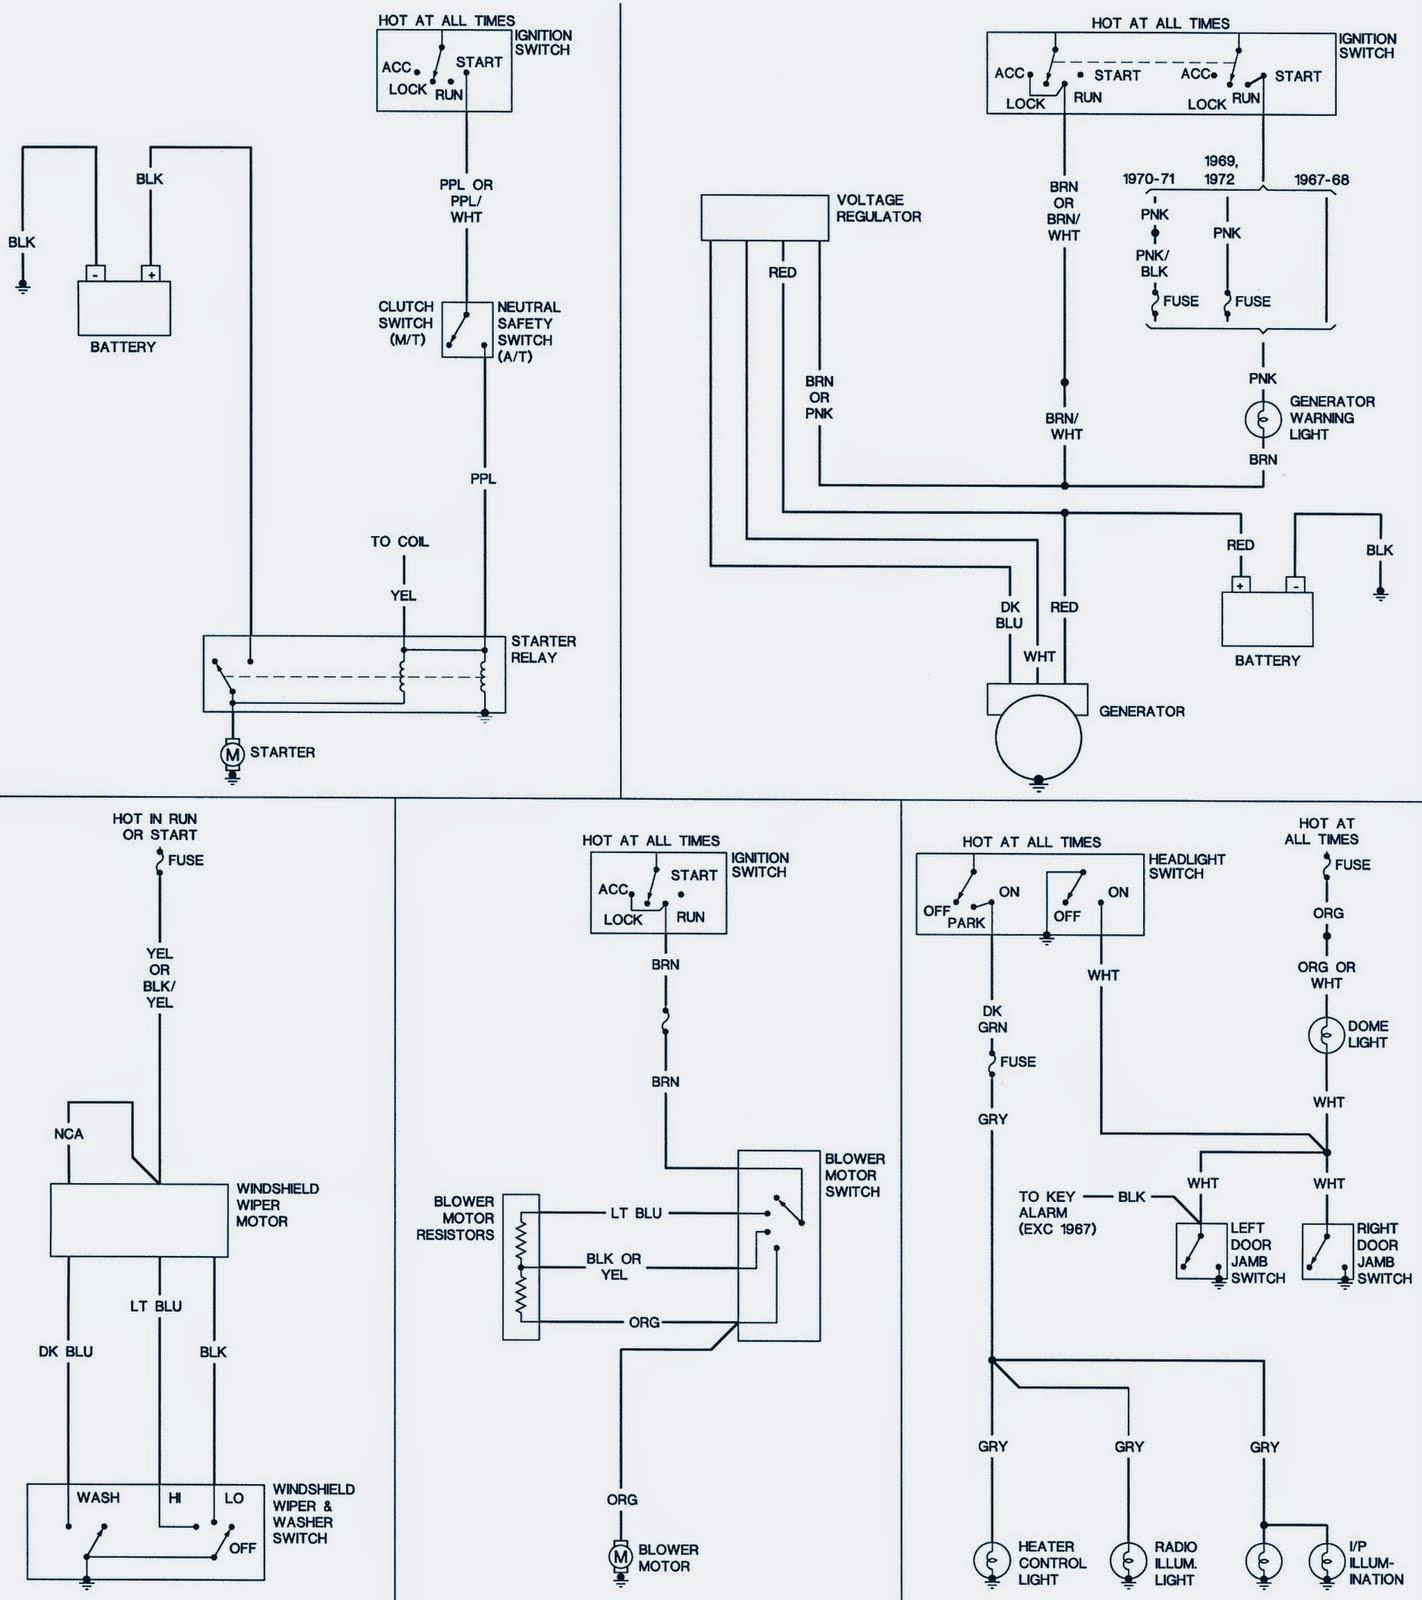 1967 camaro coil diagram 1971 camaro coil wiring diagram wiring 1967 chevelle wiring diagram 1968 chevrolet camaro wiring diagram trusted wiring diagram 1968 chevelle wiring schematic 1968 camaro coil wiring